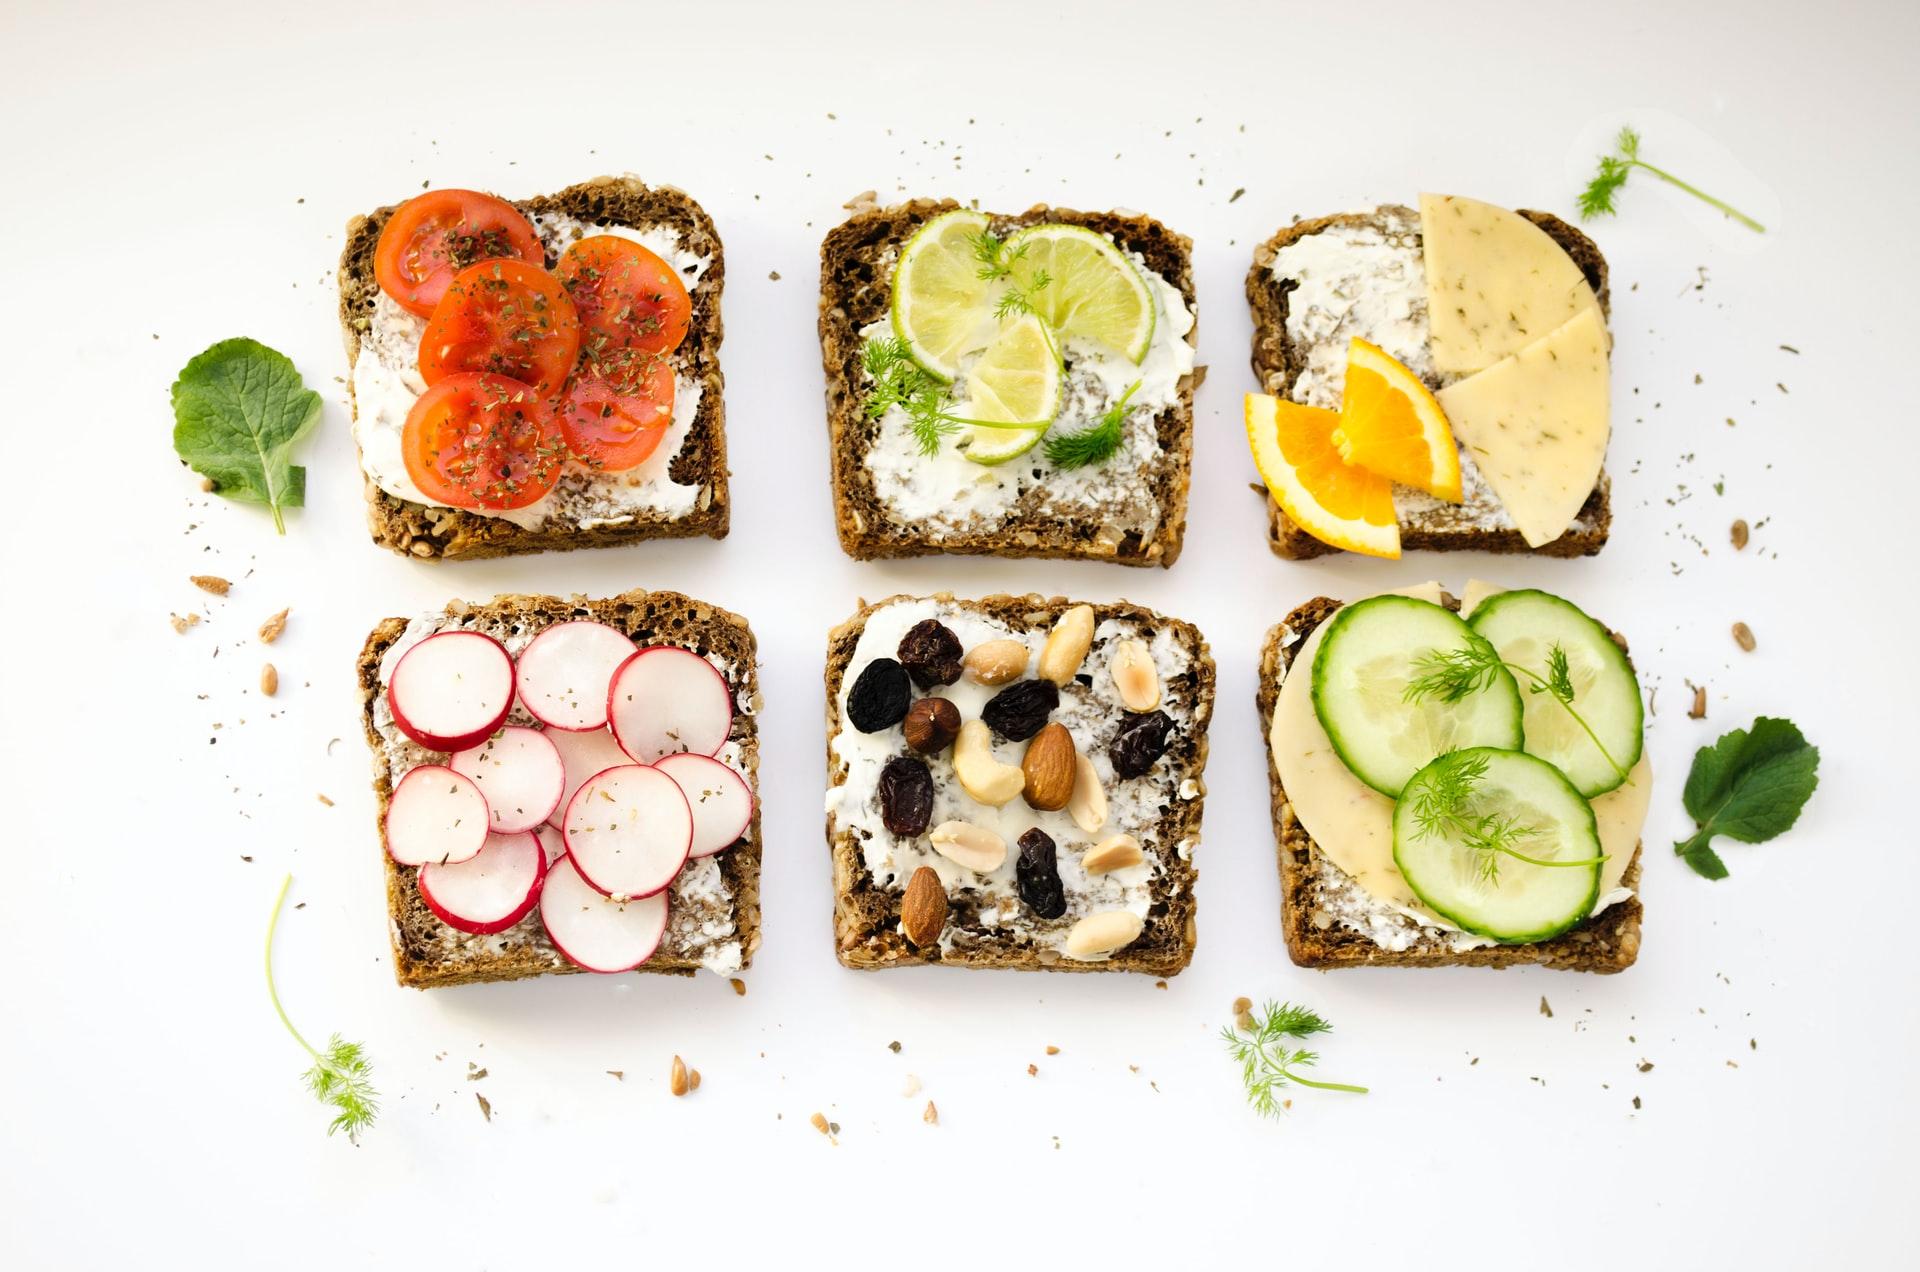 Ăn chay giúp cung cấp dưỡng chất lành mạnh cho cơ thể